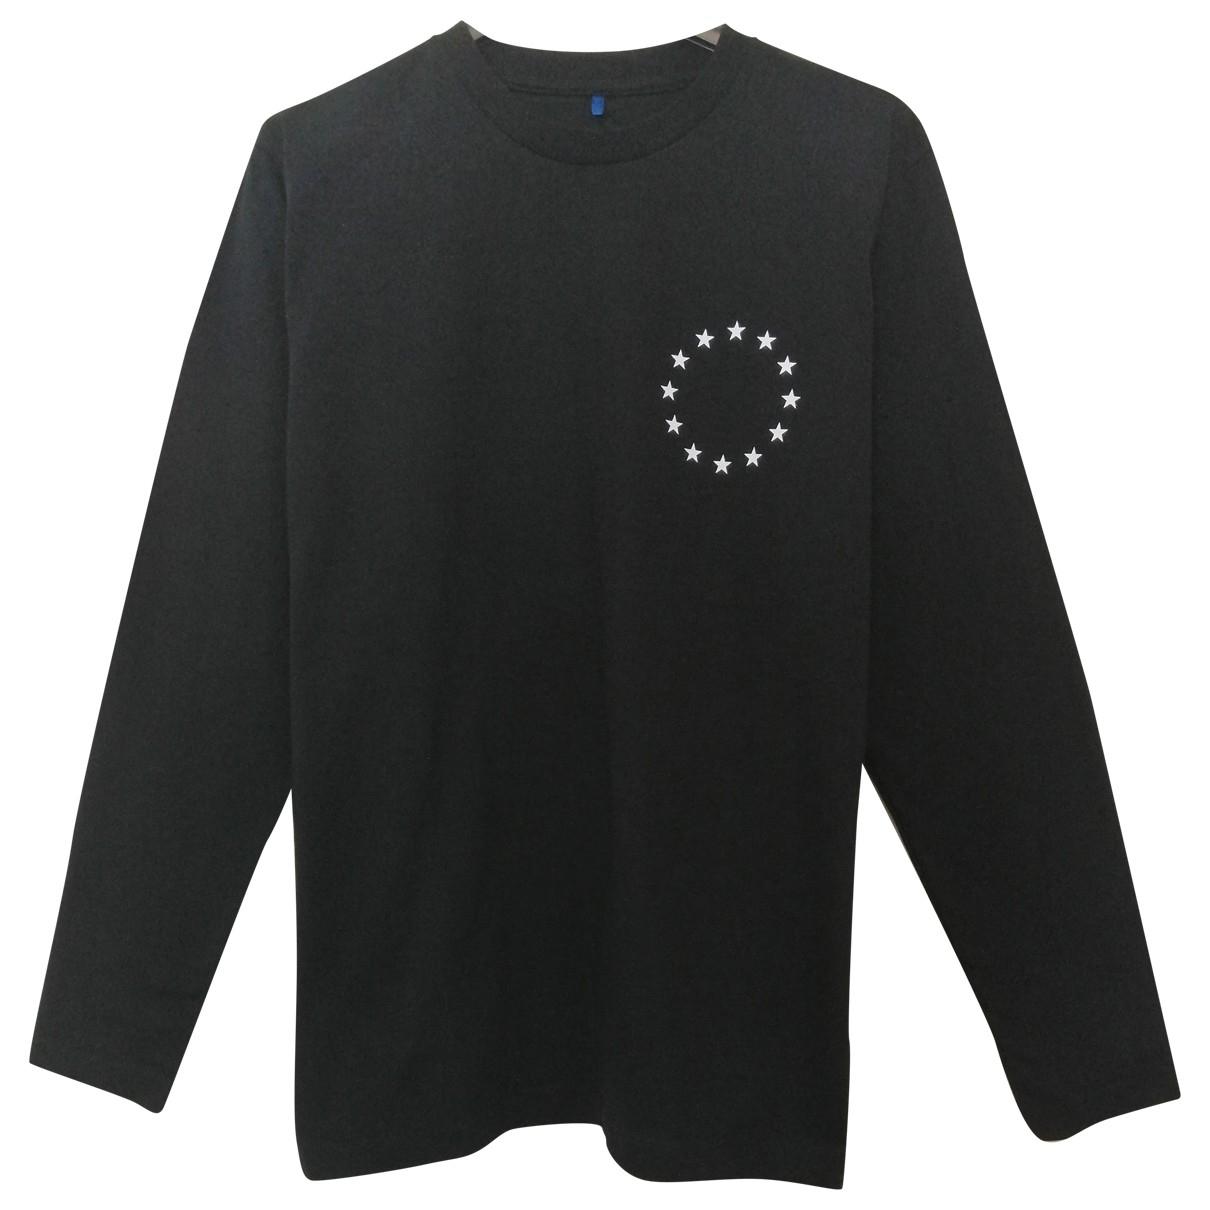 Etudes Studio \N Pullover.Westen.Sweatshirts  in  Schwarz Baumwolle